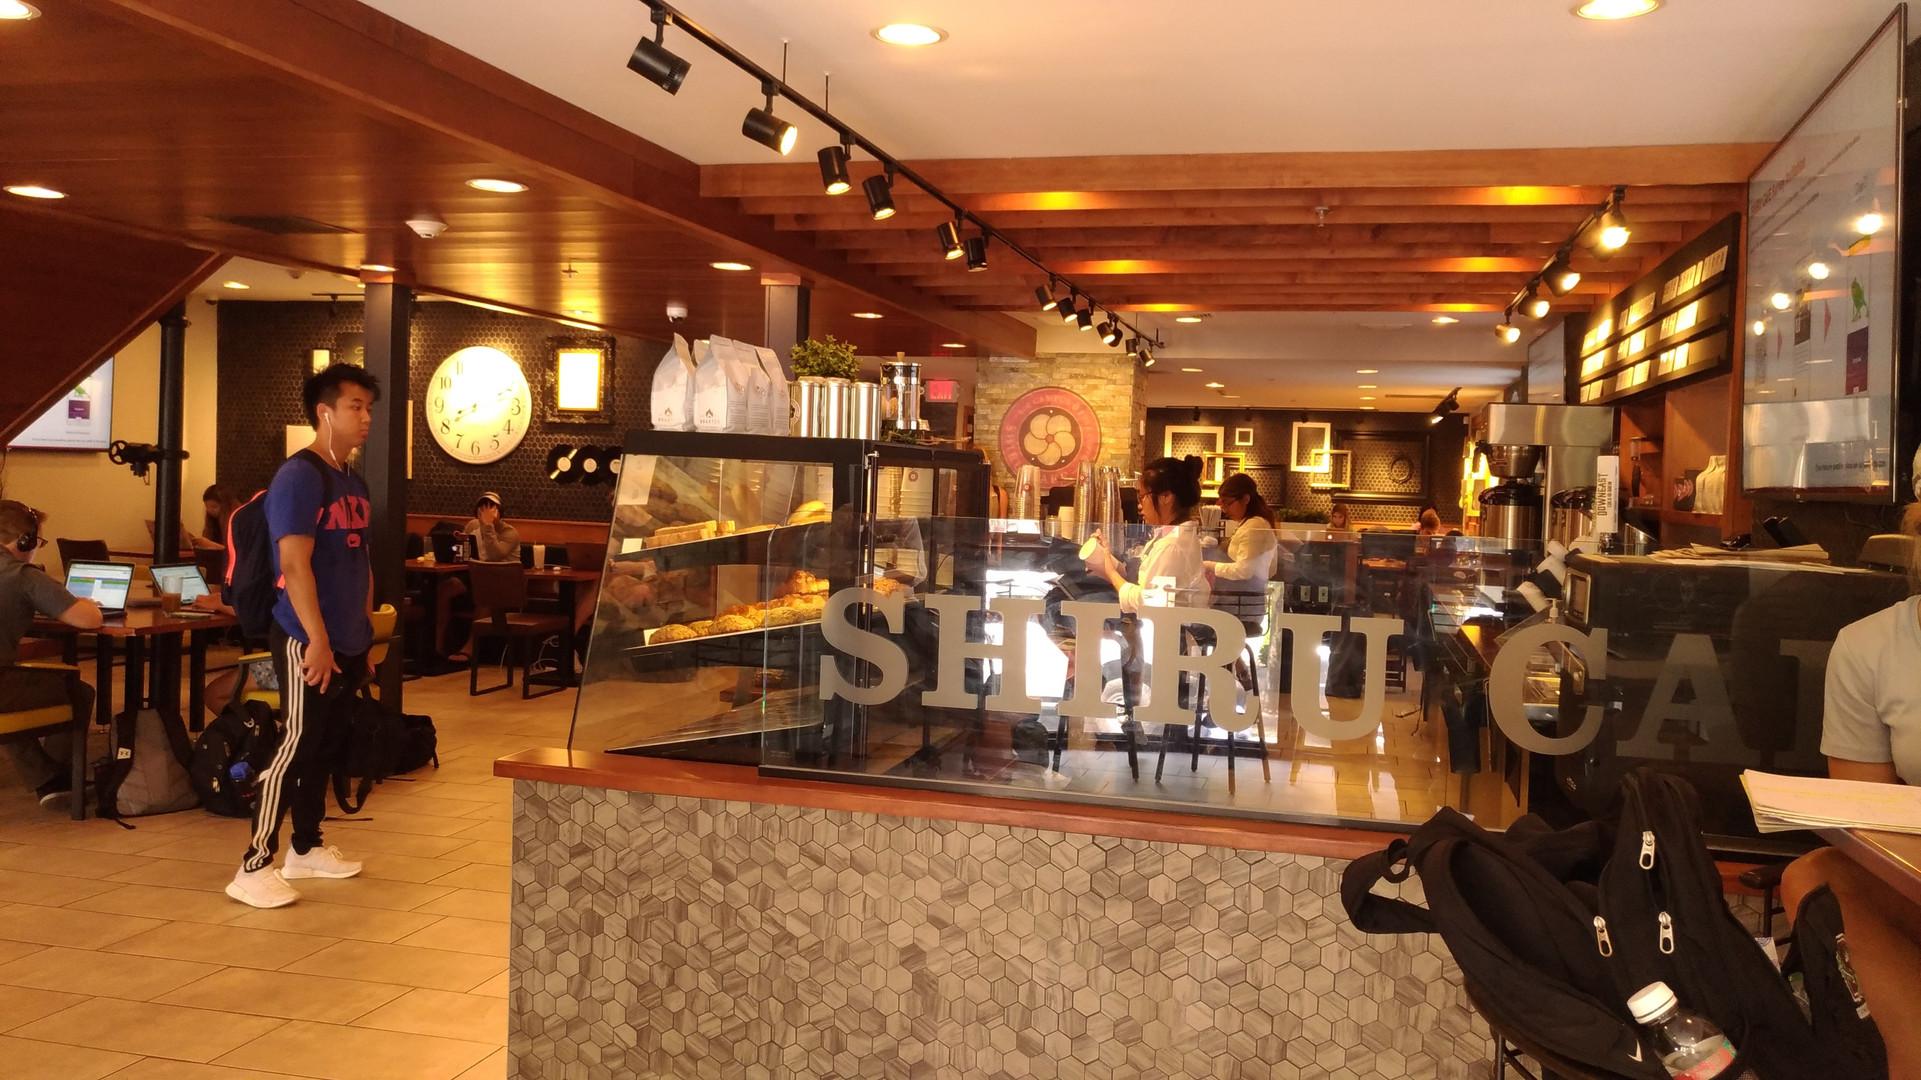 SHIRU CAFE AT BROWN 3